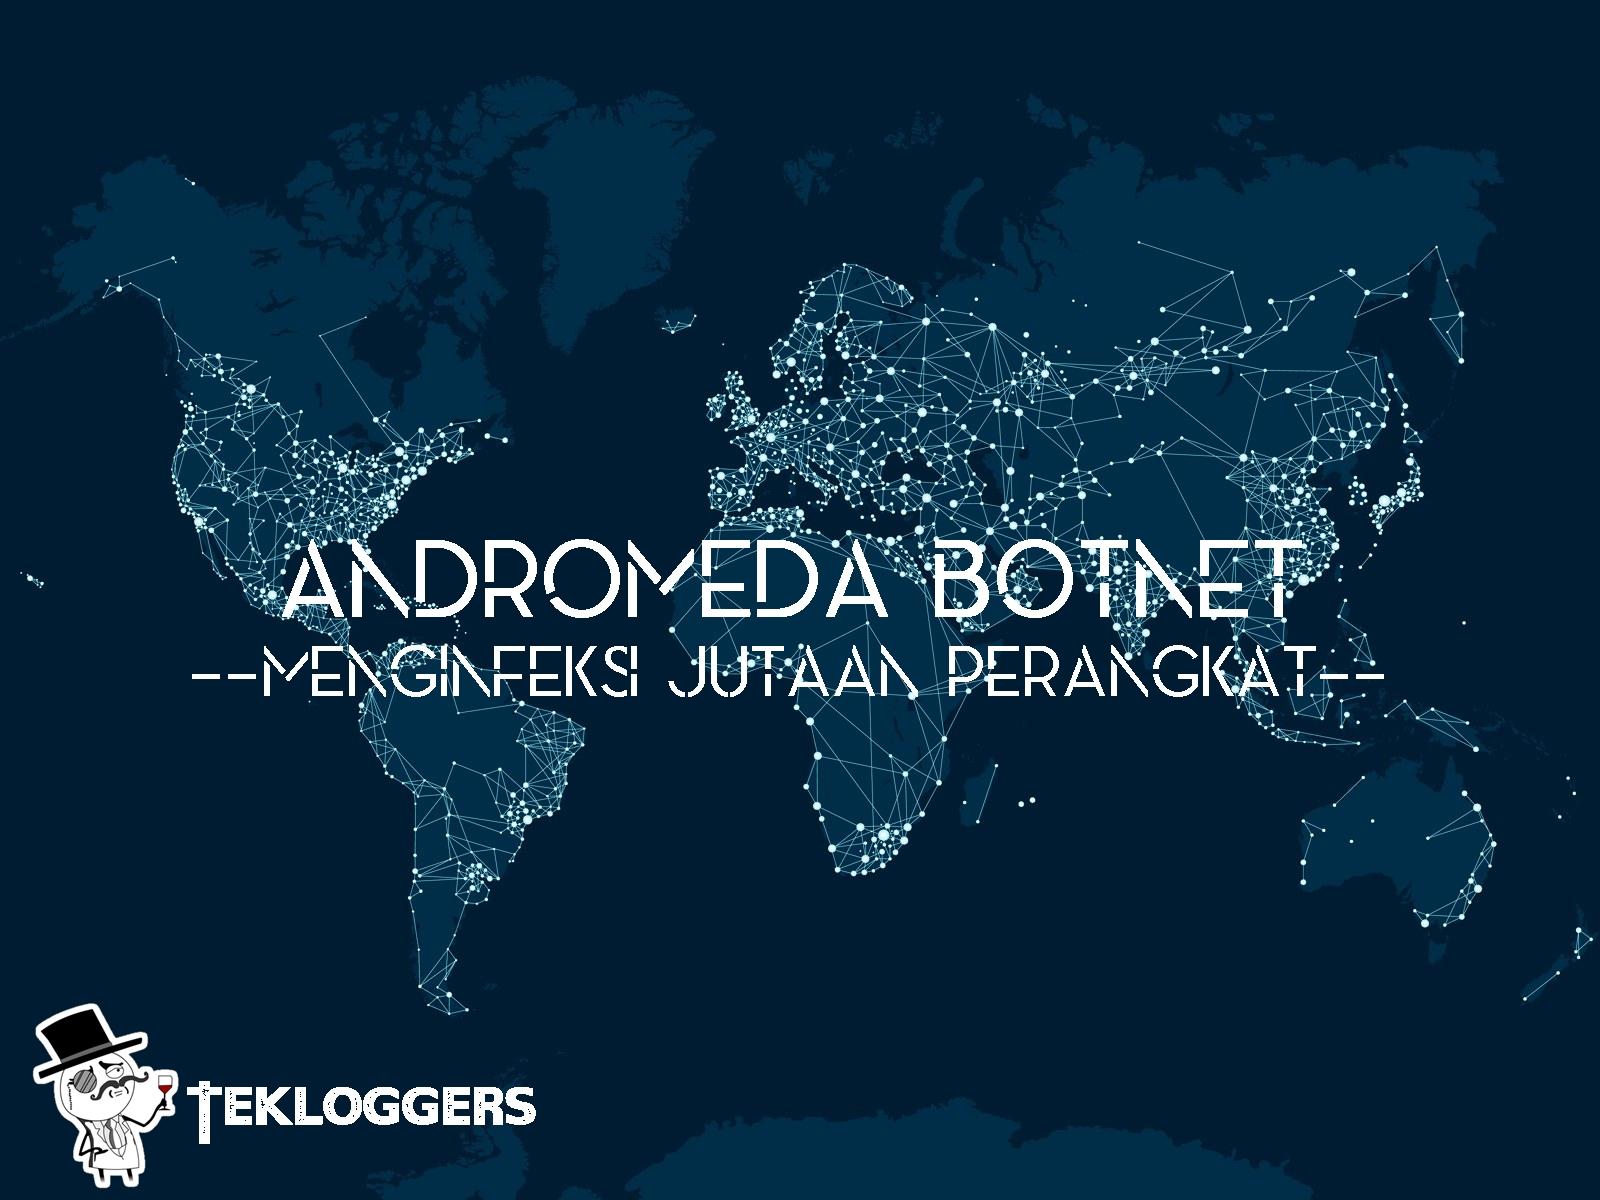 andromeda-botnet